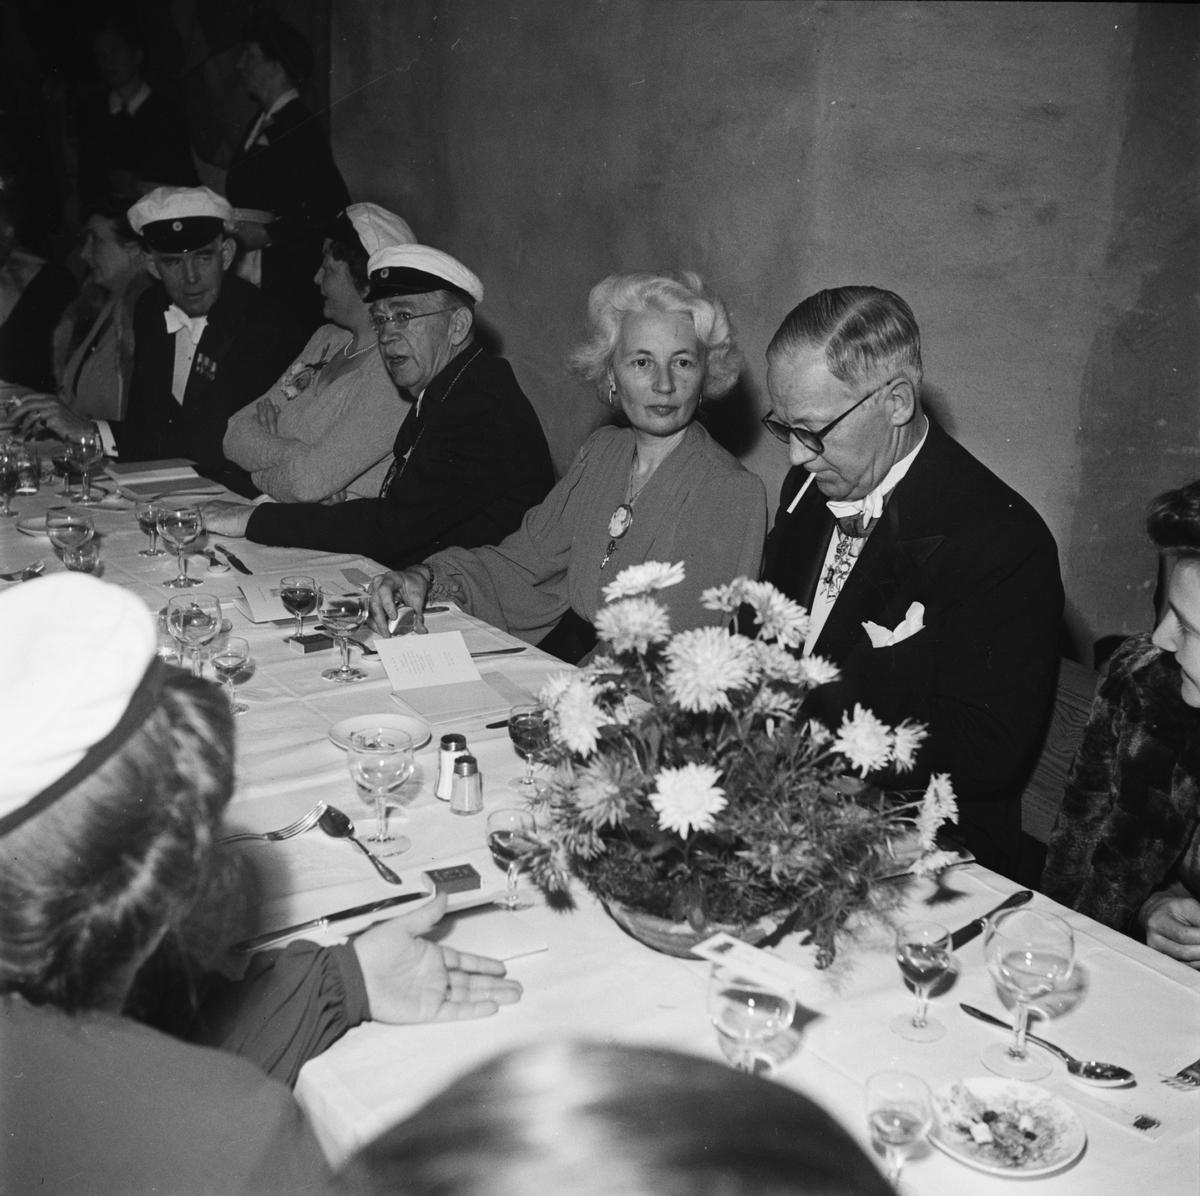 Män och kvinnor i studentmössor vid dukat festbord, sannolikt på rikssalsbanketten i samband med Östgöta nations 300-årsjubileum, Uppsala 1946